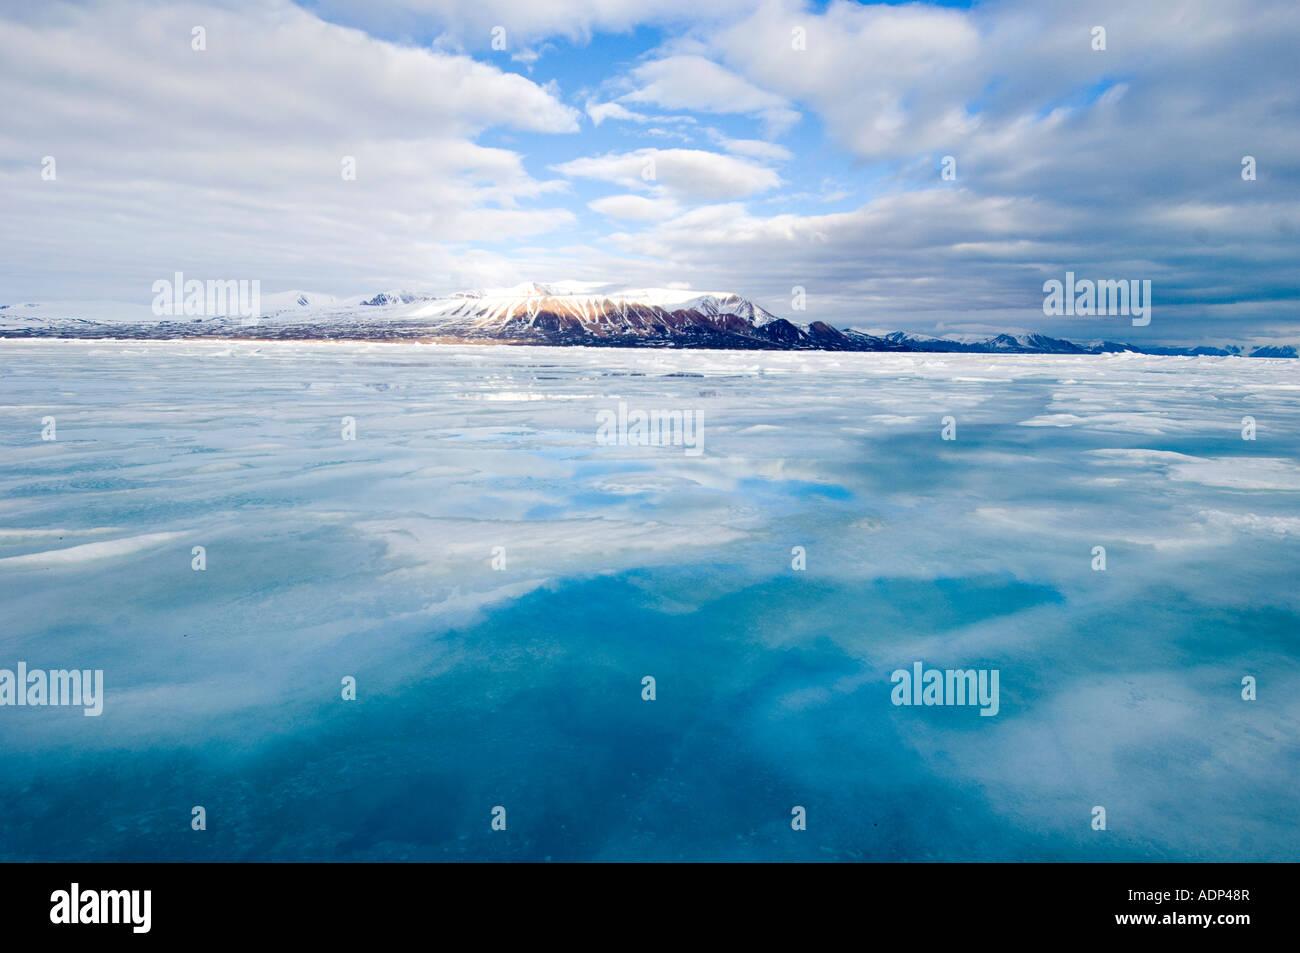 Derretir el agua se encuentra en la superficie del hielo calentado por el sol. Junta de la marina pronto estarán libres de hielo. Foto de stock